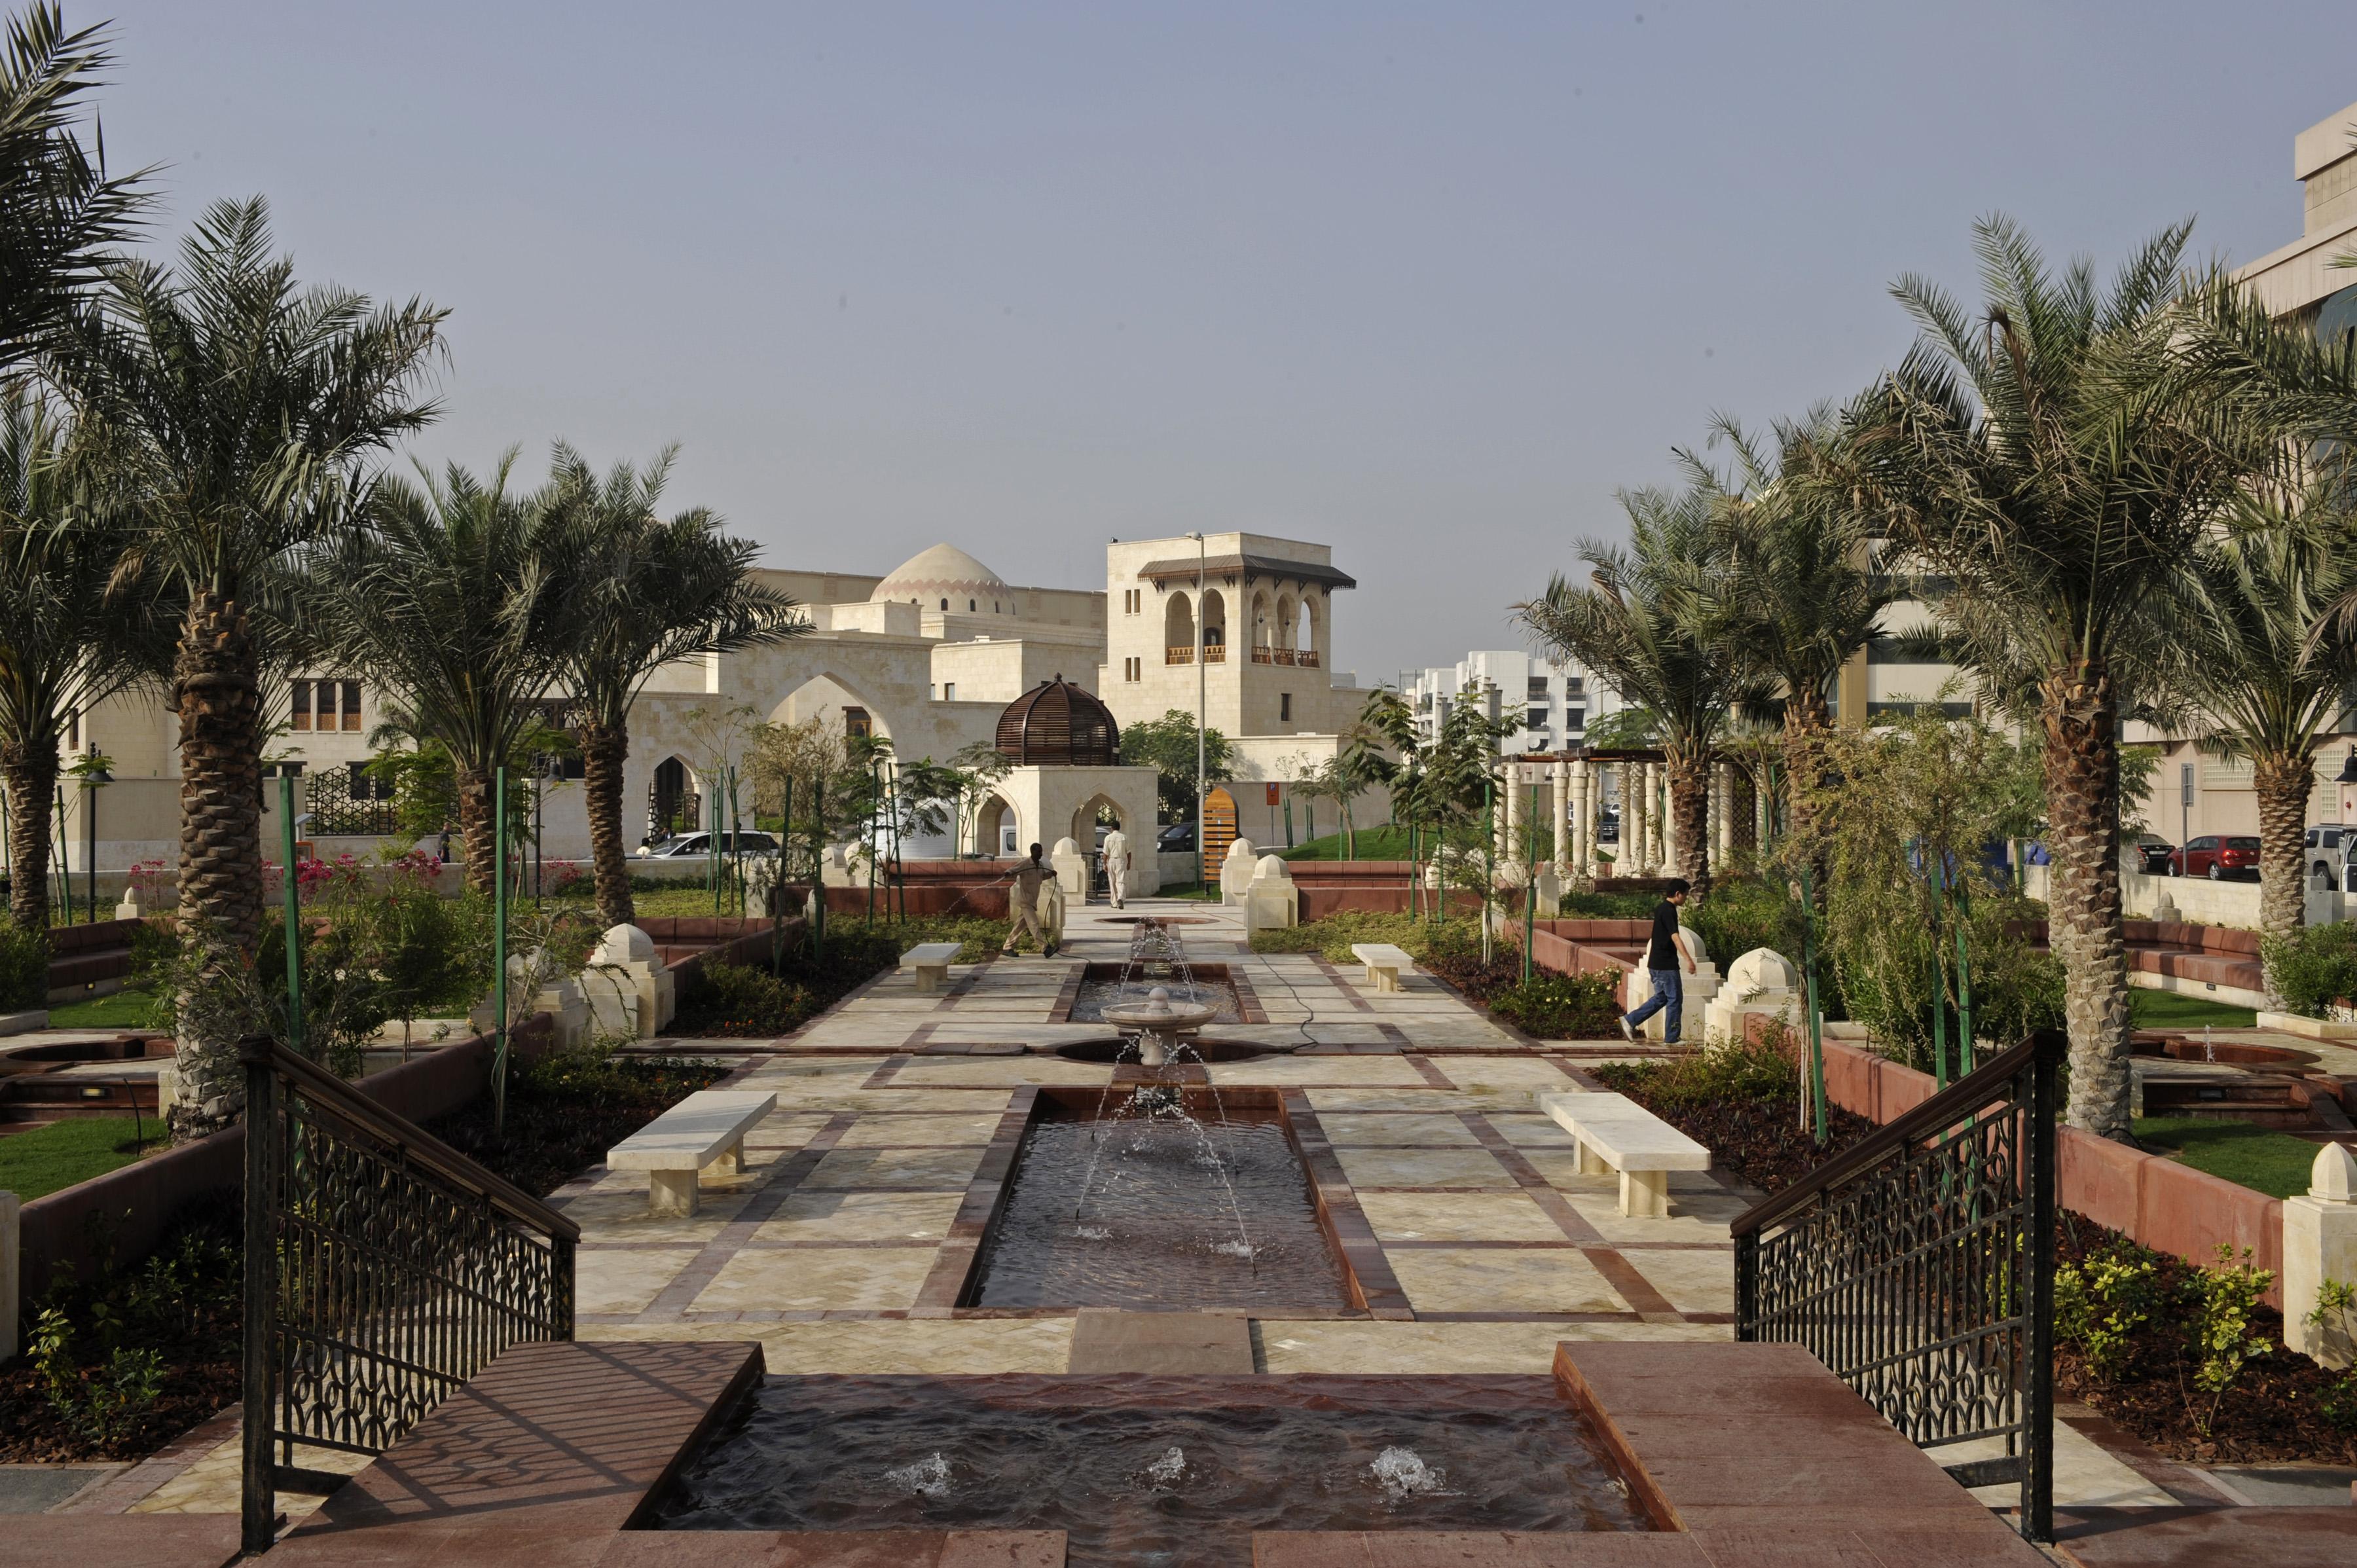 The Dubai Park | the.Ismaili